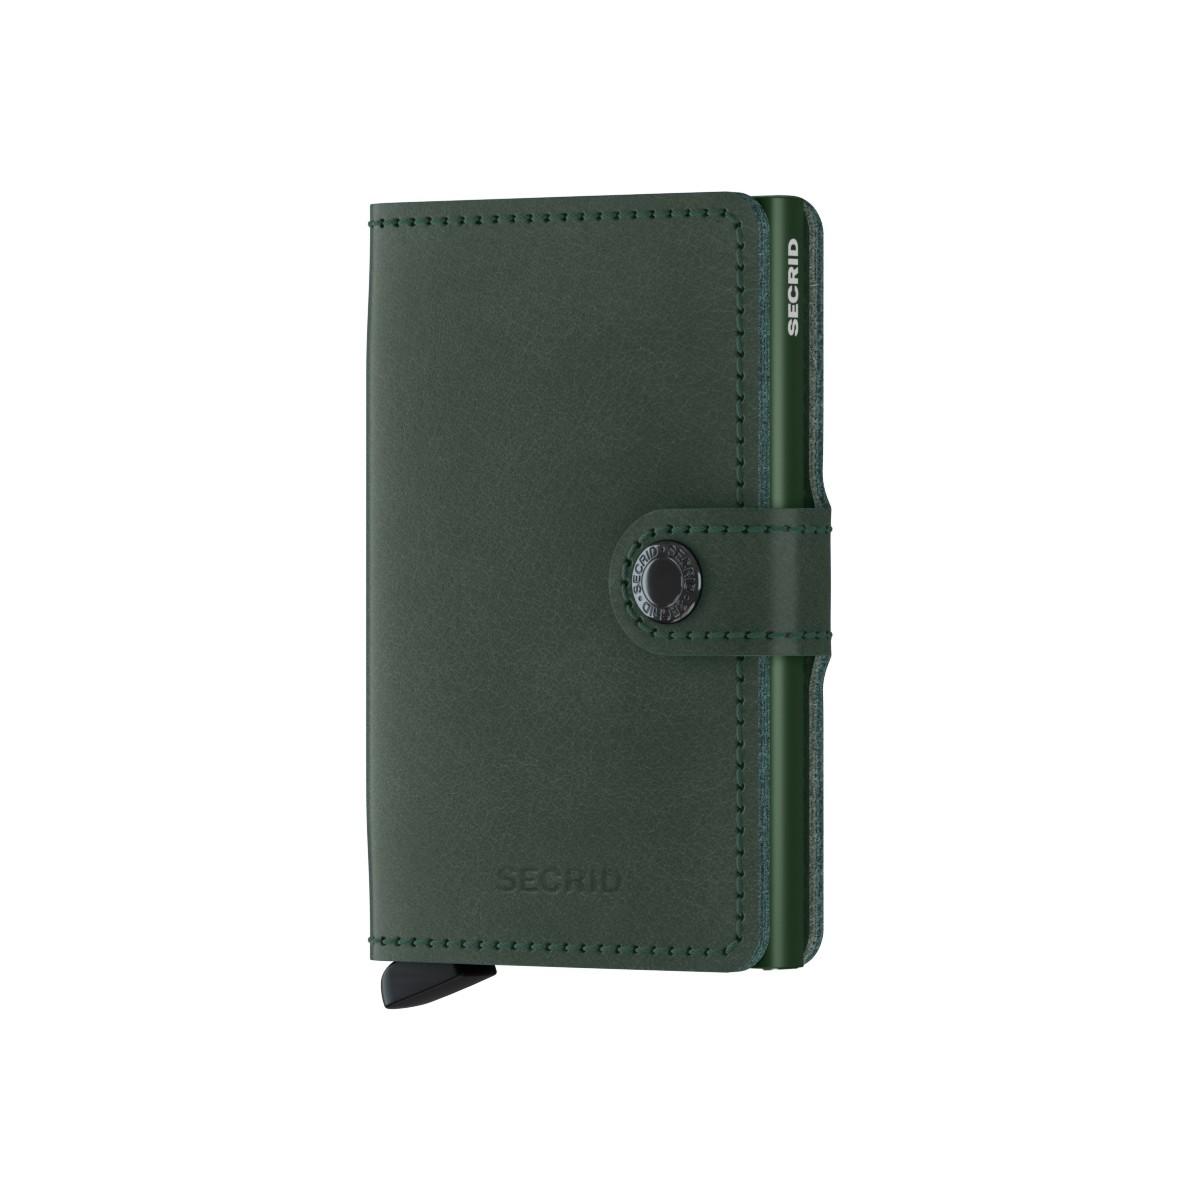 328d2875a97 ... Secrid Miniwallet Original Green ...